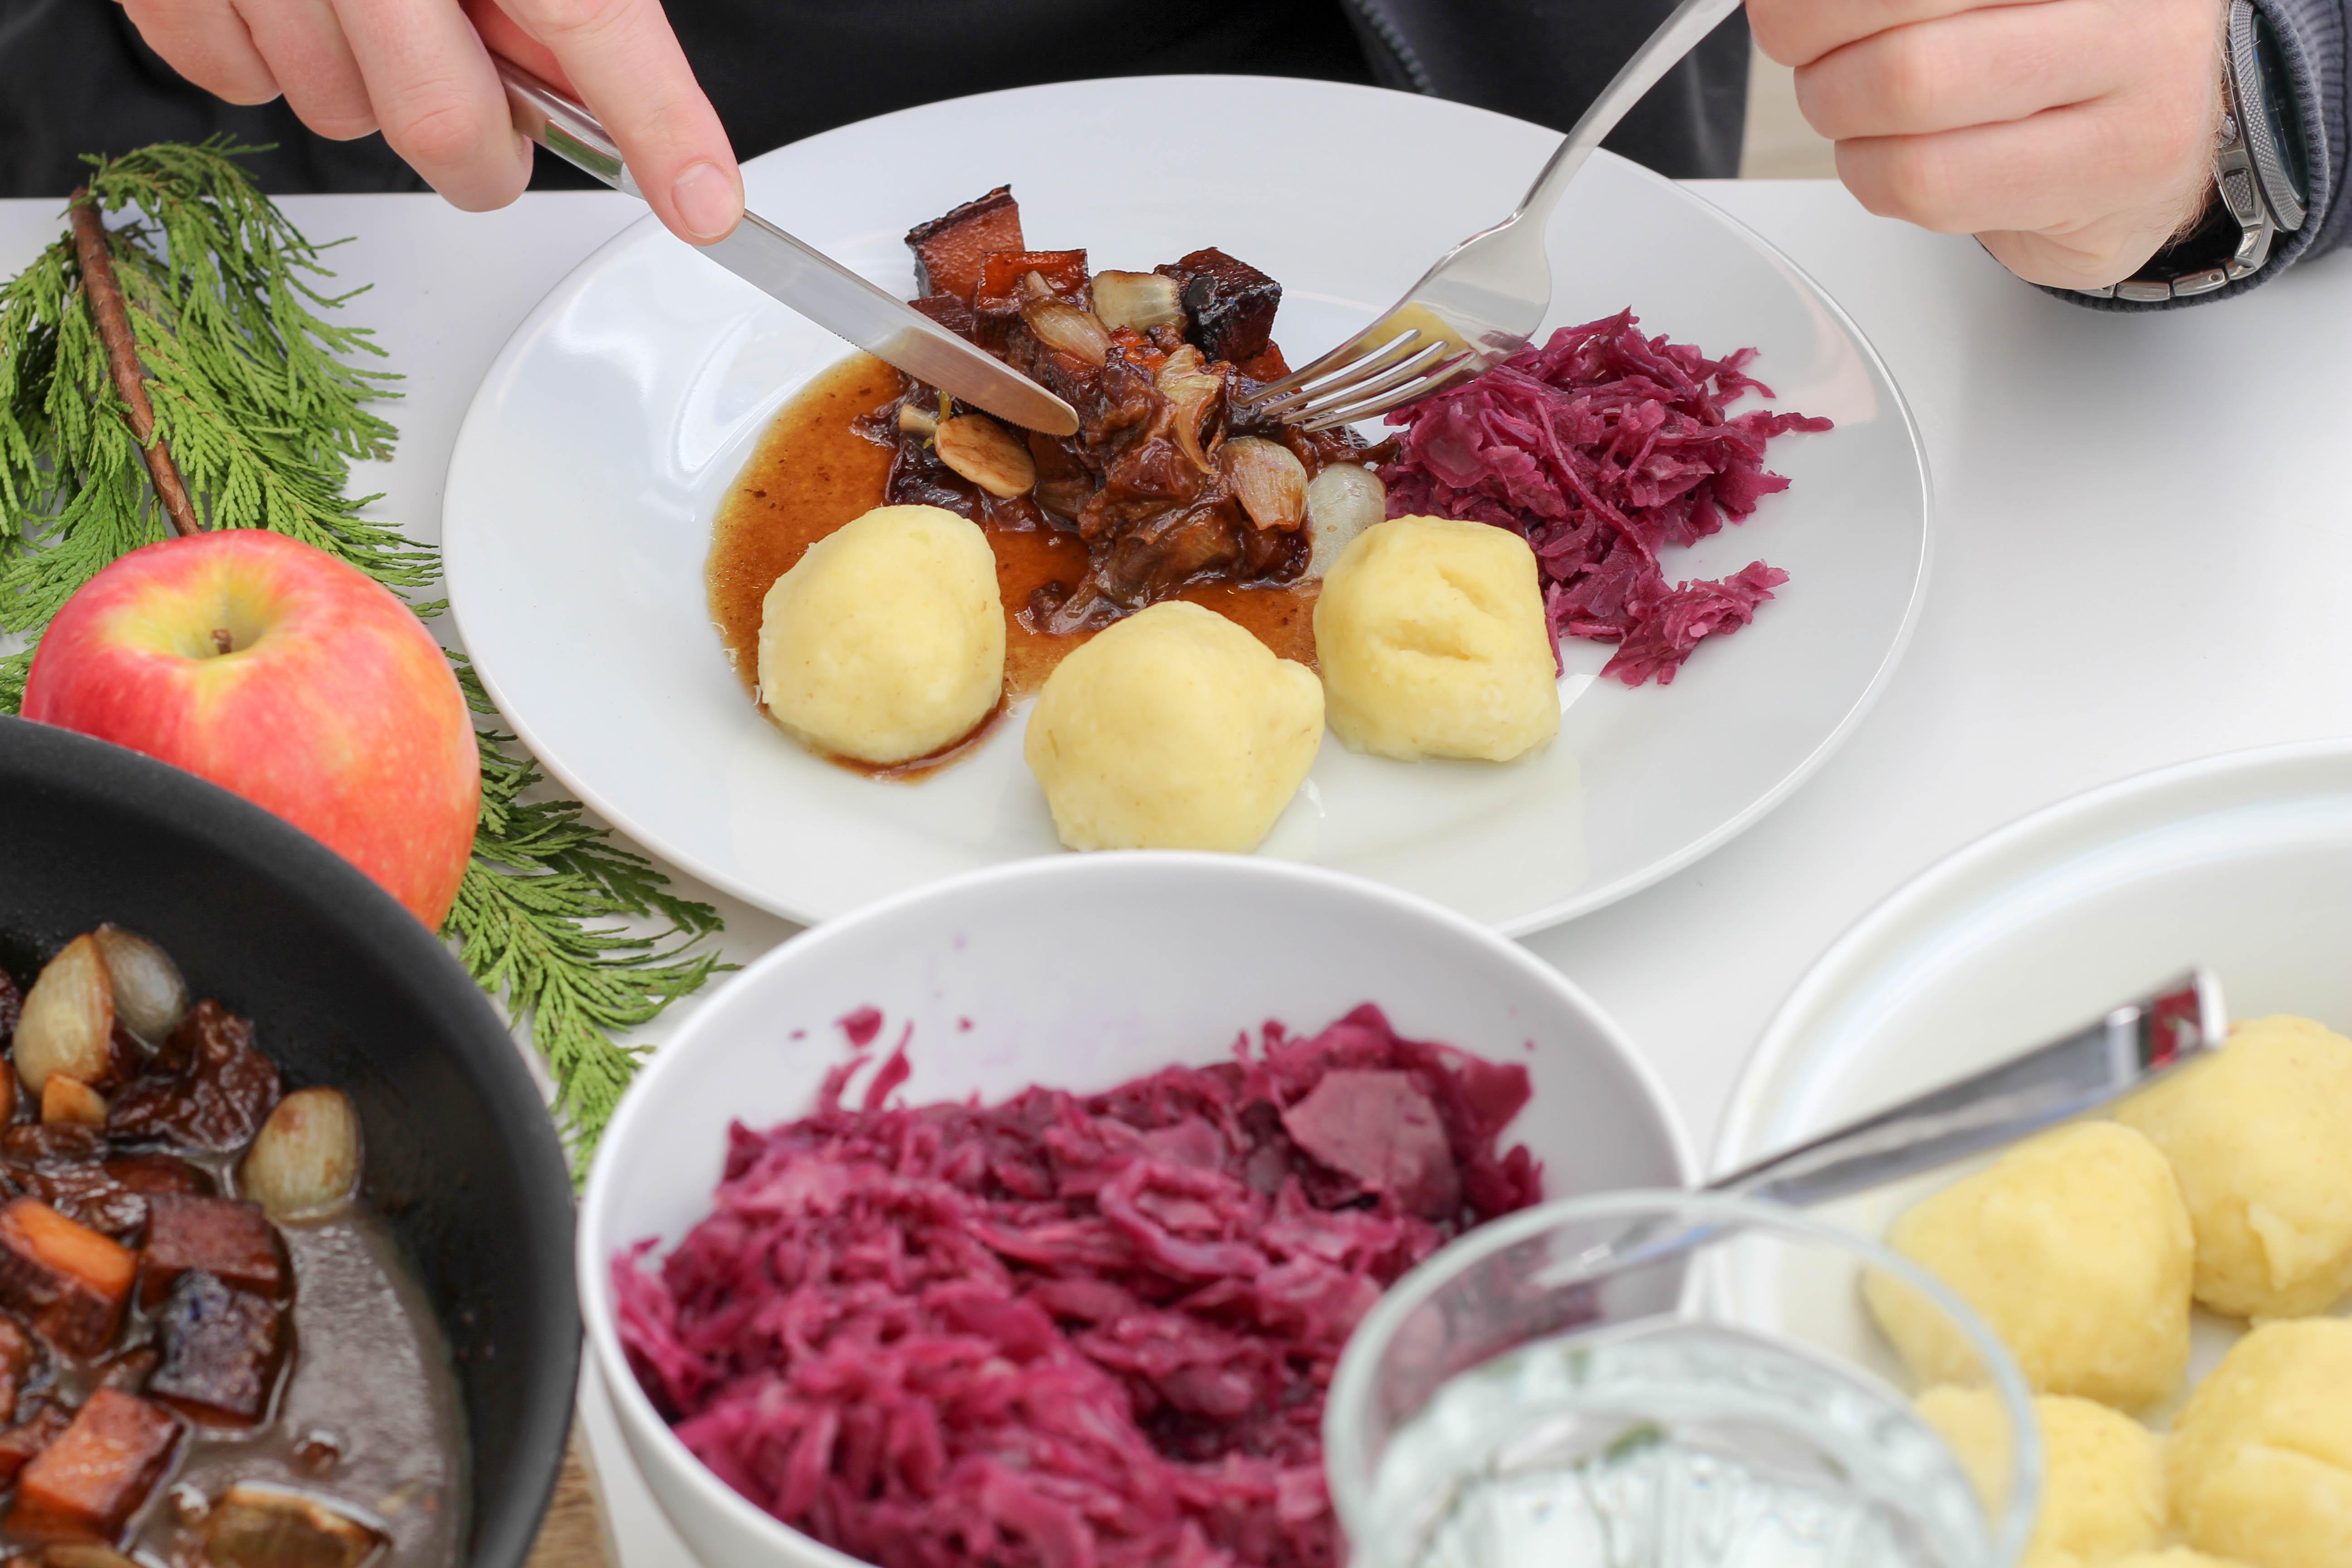 vegan-toforagout-pflaumen-weihnachten-advent-kartoffelknoedel-rotkraut-soulfood-homespa-plantbased-1-von-1-7